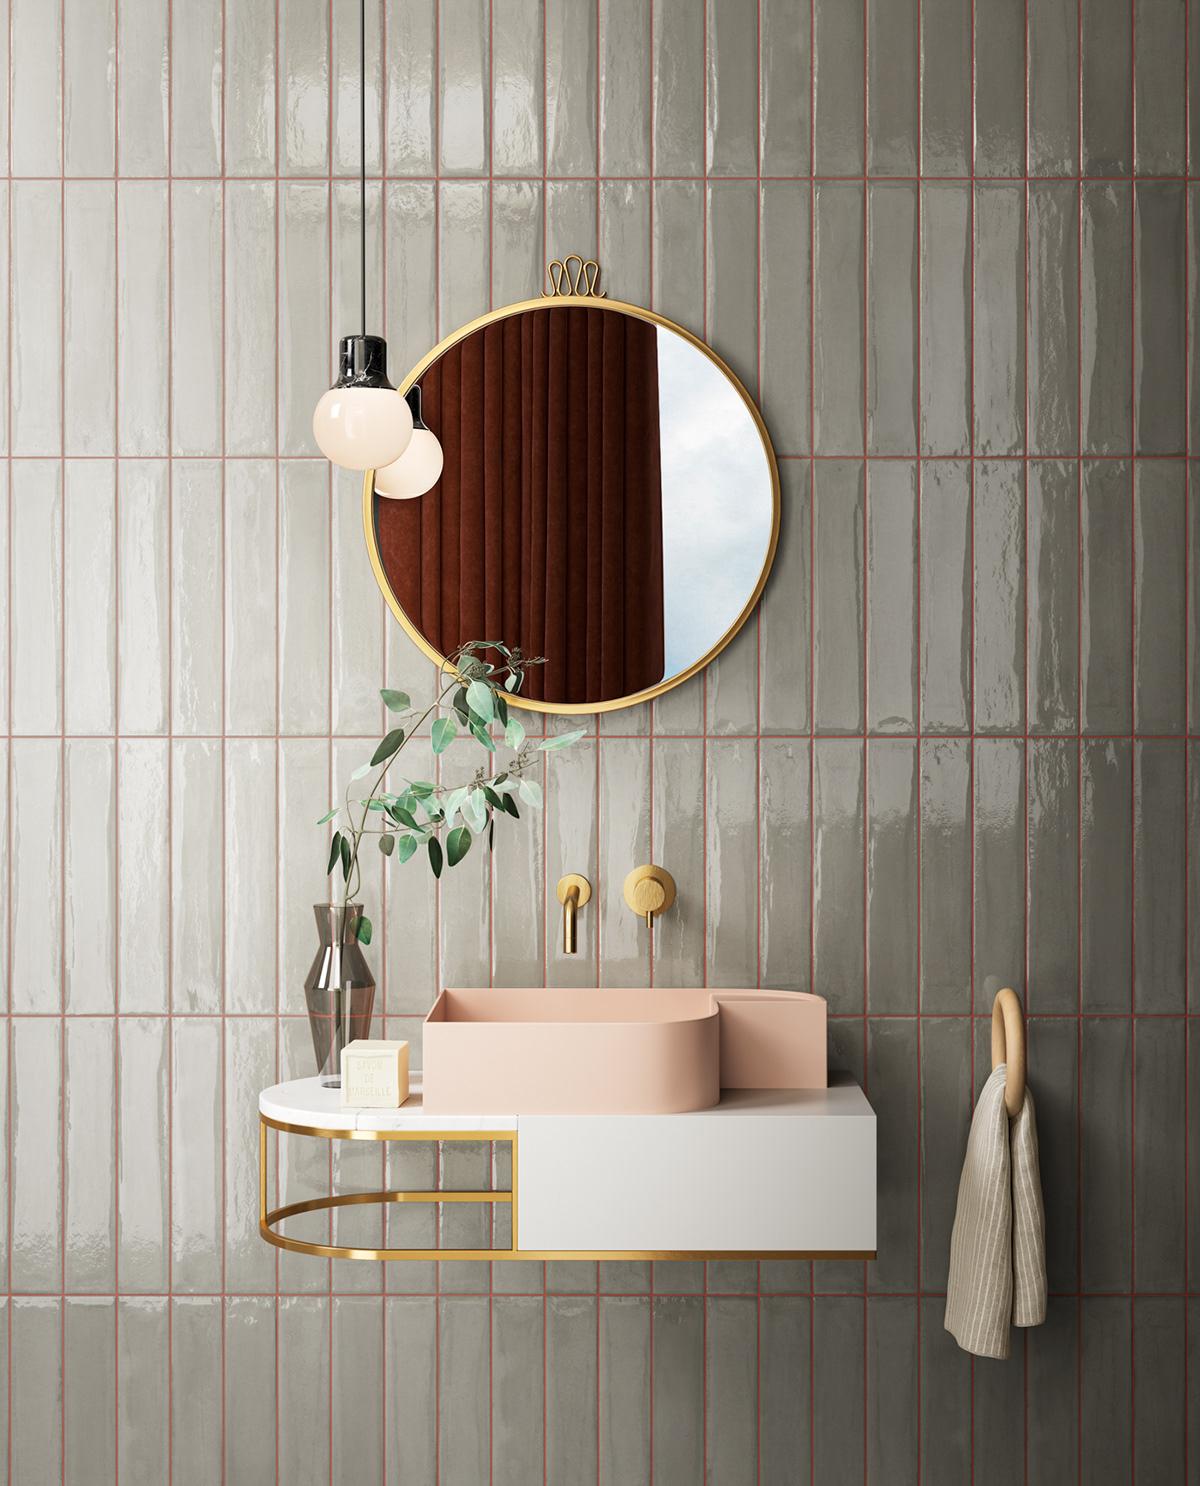 ilaria fatone inspirations - une salle de bains avec lavabo rose et faience verte